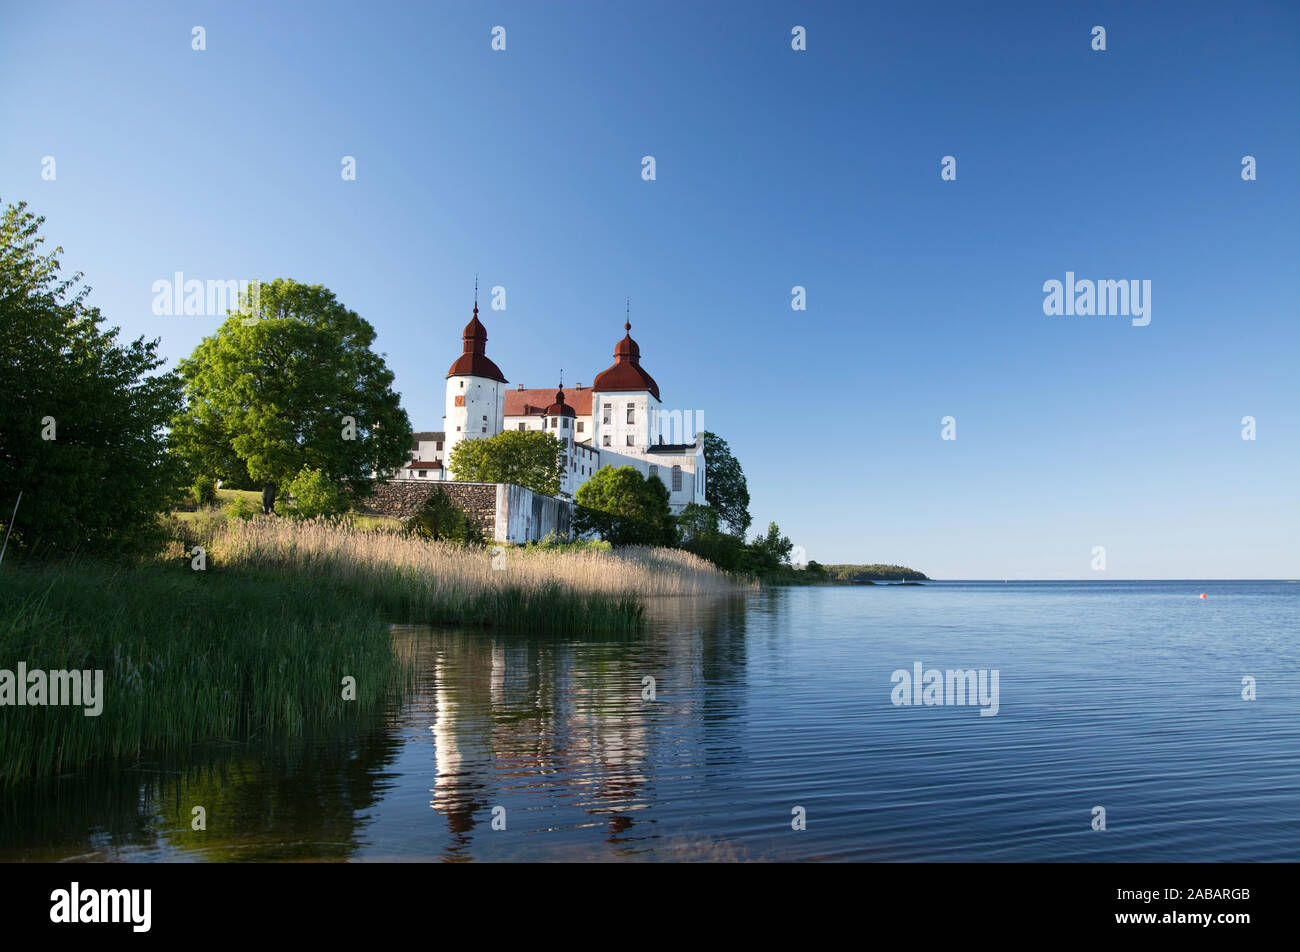 Schloss Läckö en Västergötland auf der Insel im Kallandsö Vänern gehört zu den Barockschlössern Schwedens. Banque D'Images